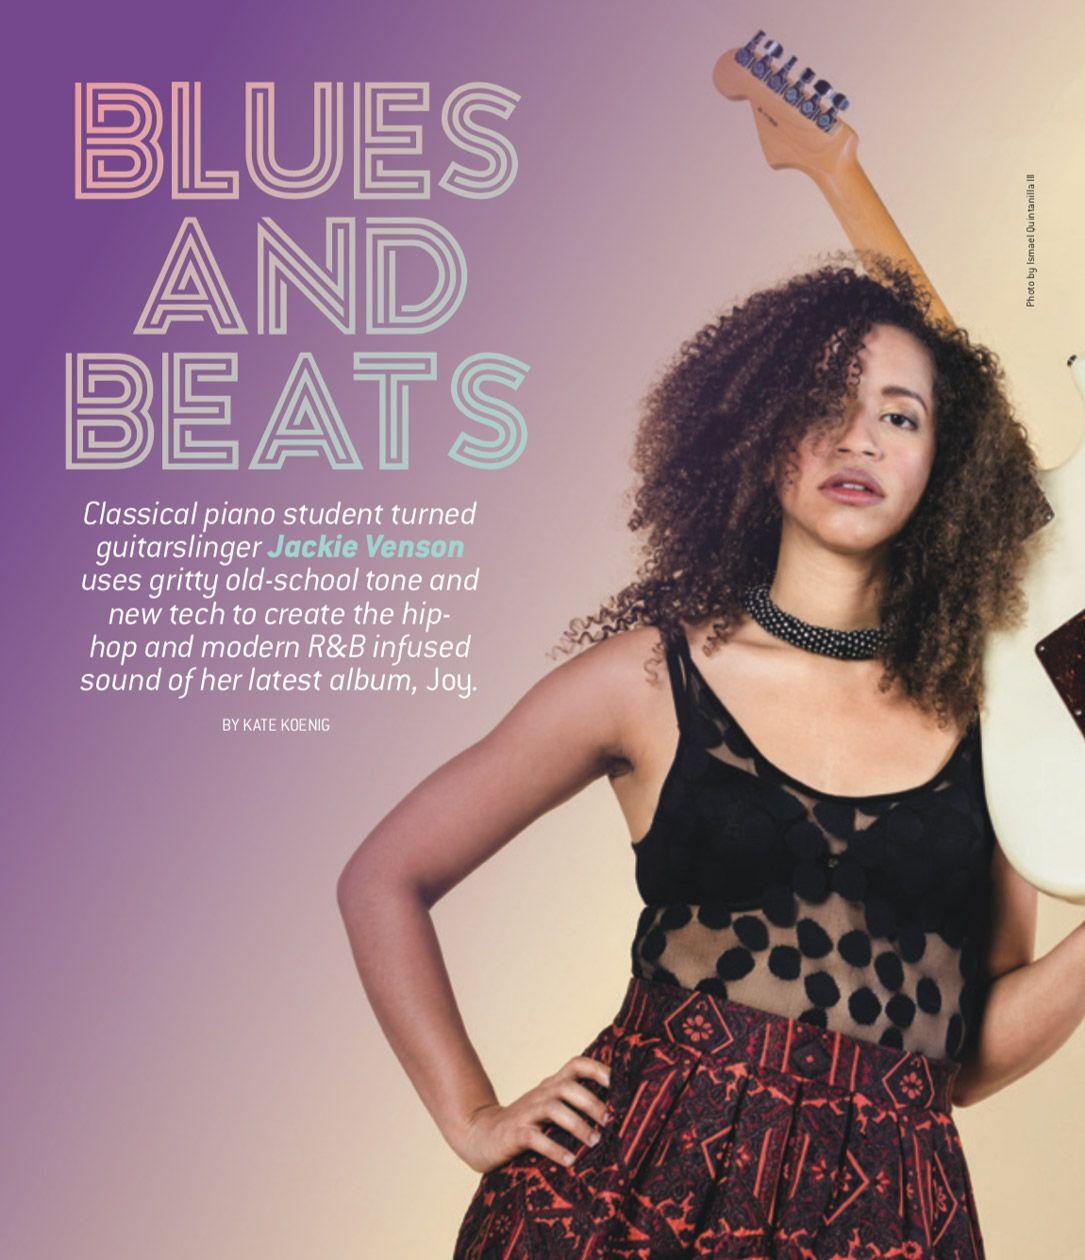 Jackie Venson's Blues and Beats